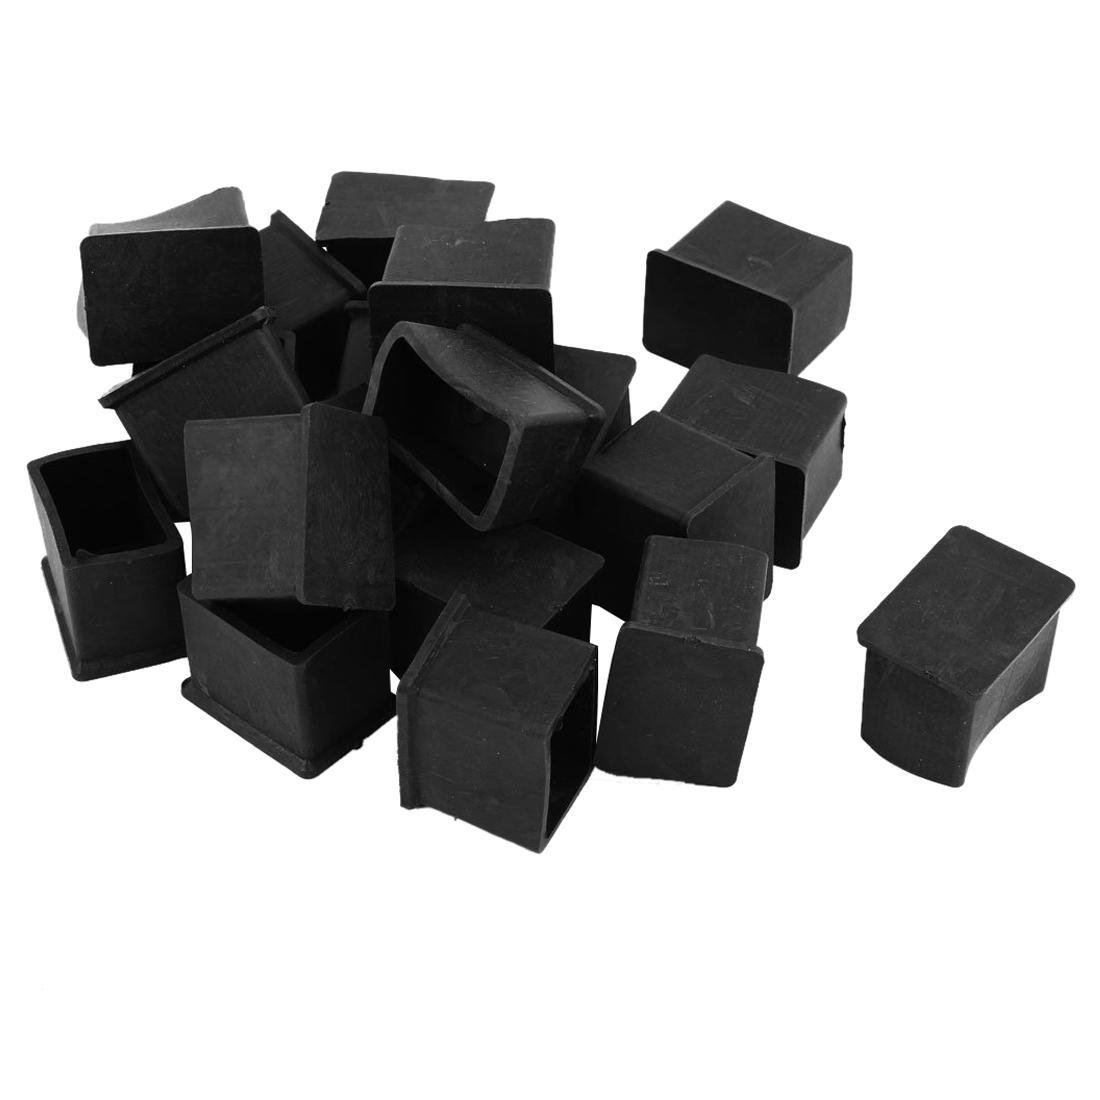 leg review item of round felt chair black attachment quot design protectors glides